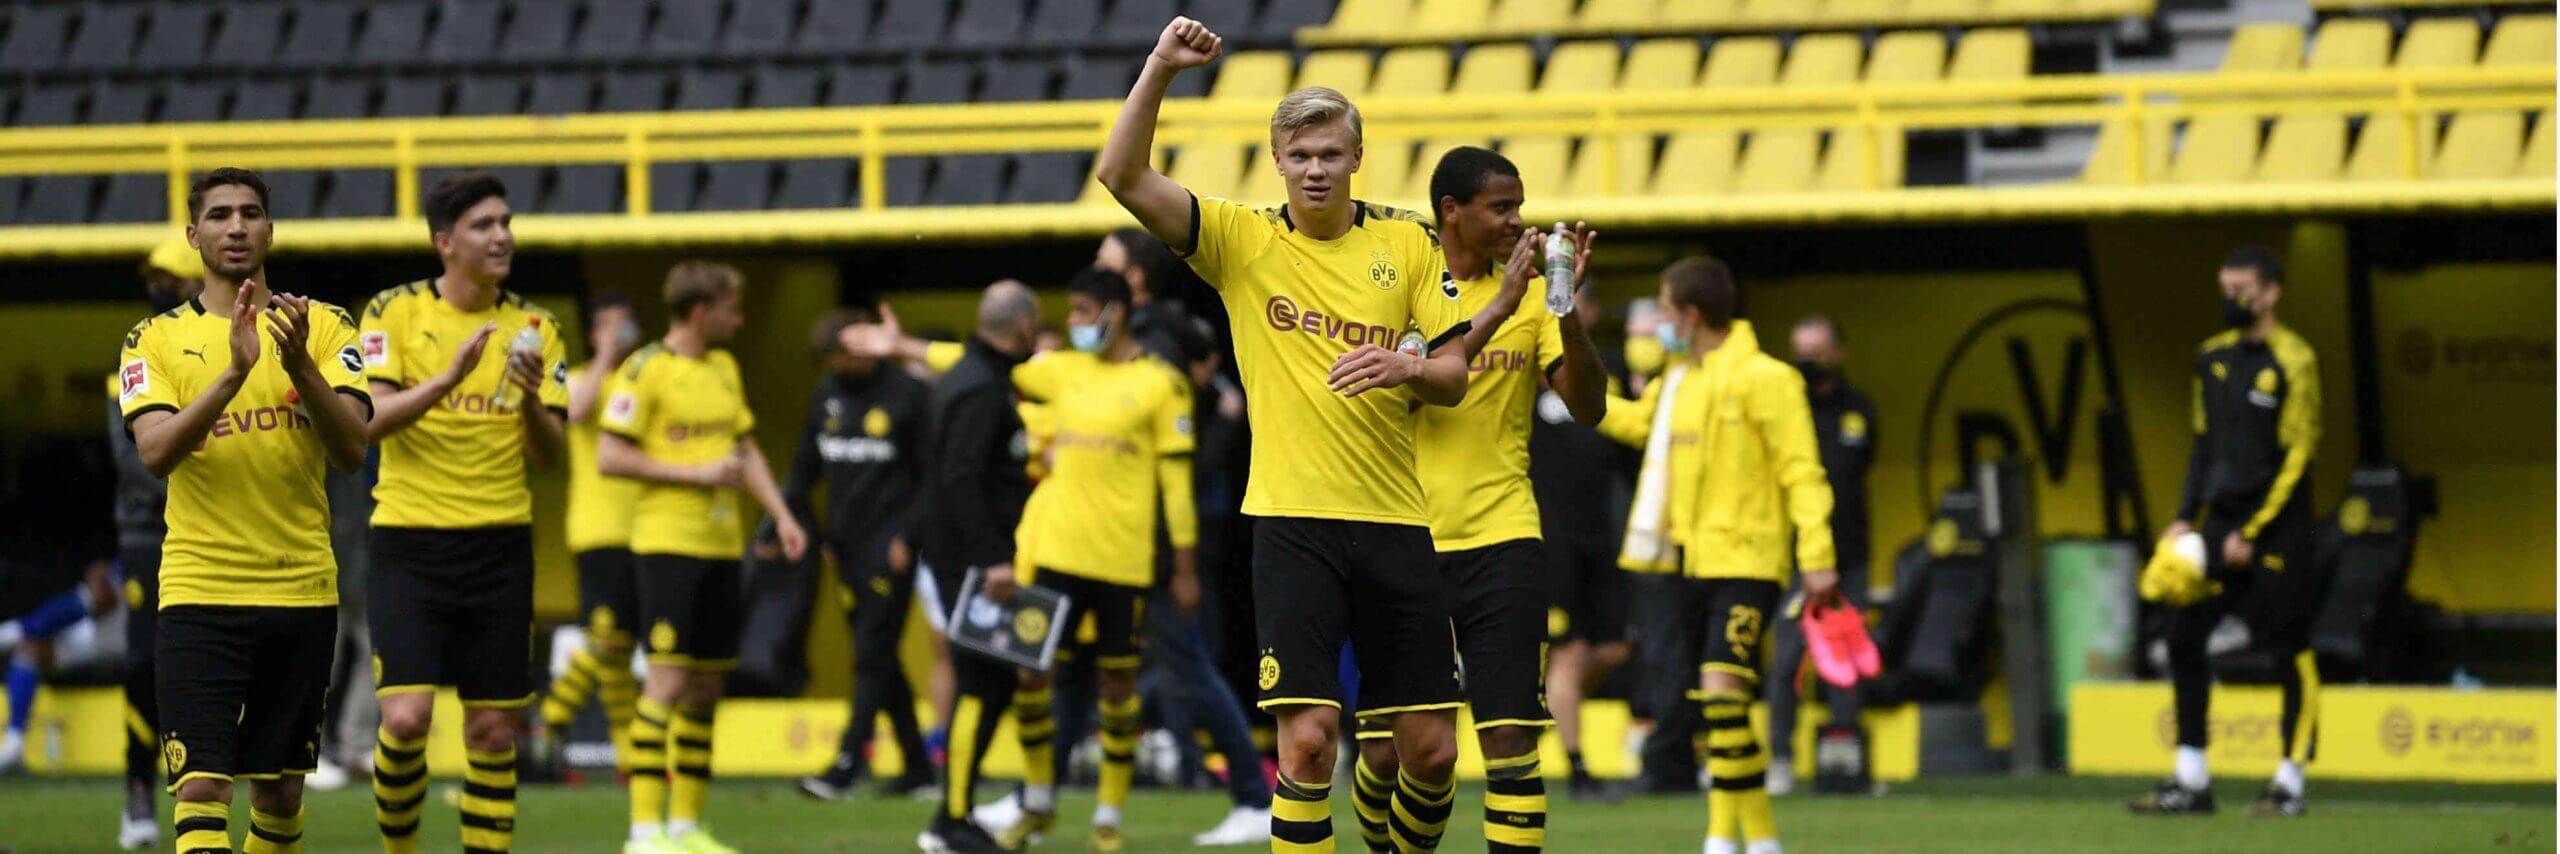 Bundesliga Hertha Berlin vs. Dortmund Matchday 30